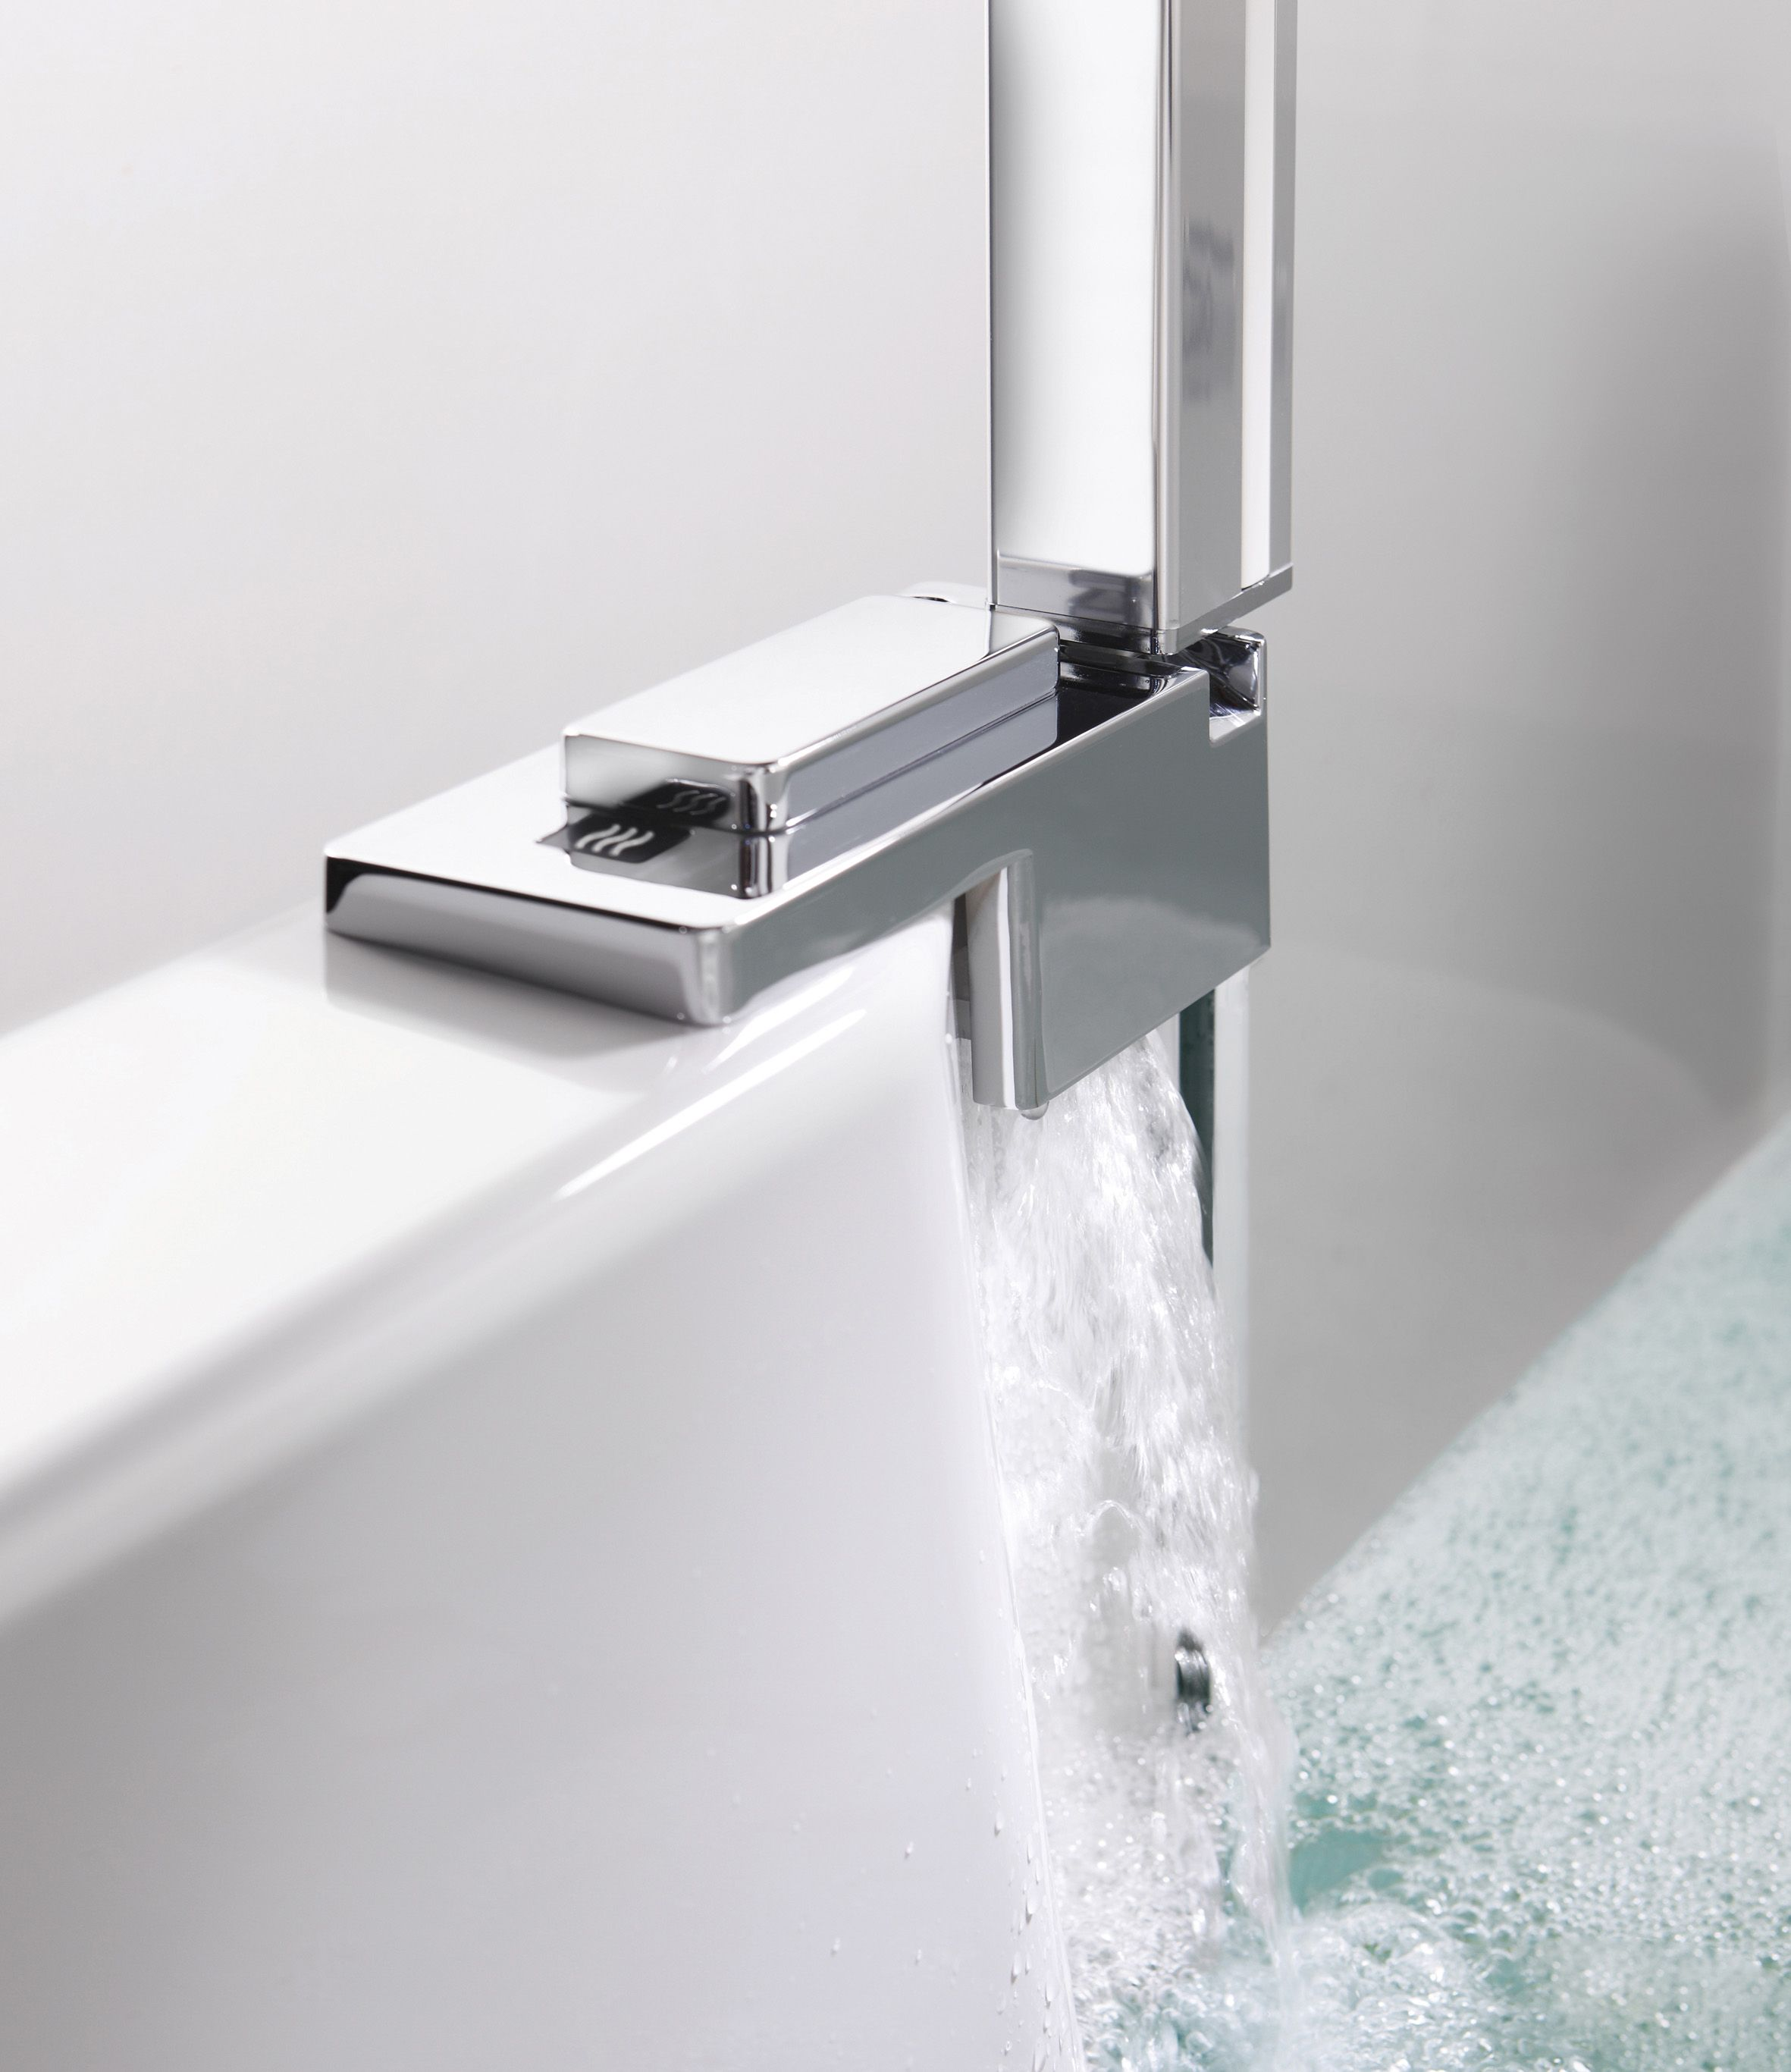 Duschbadewanne 160  Artweger Twinline 2 Dusch Badewanne 160 x 75 cm mit Tür mit ...